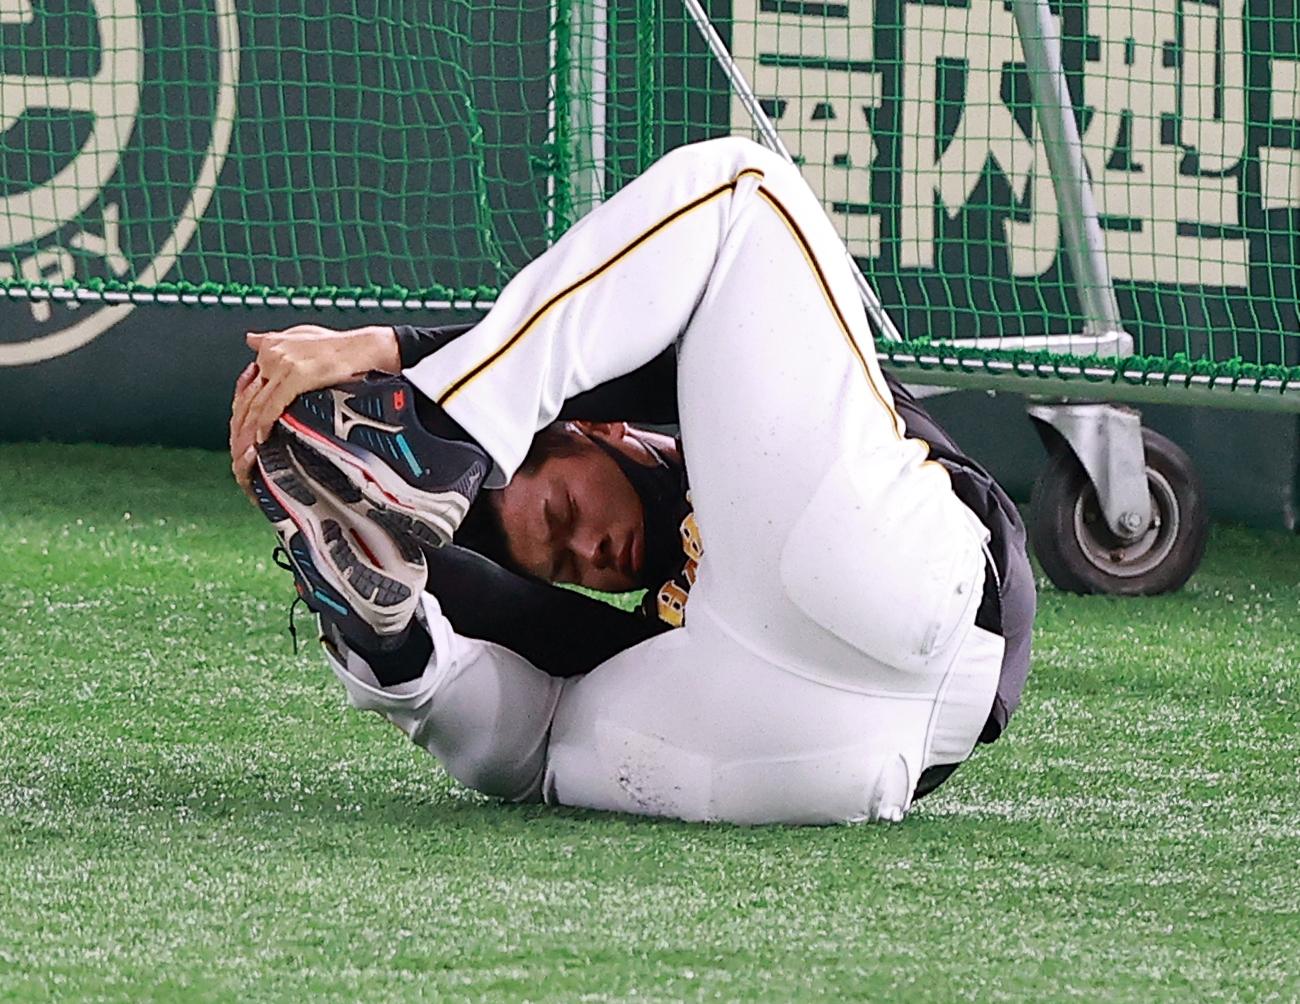 巨人対阪神 試合前練習で、ストレッチしながらゴロゴロと回る佐藤輝(撮影・浅見桂子)